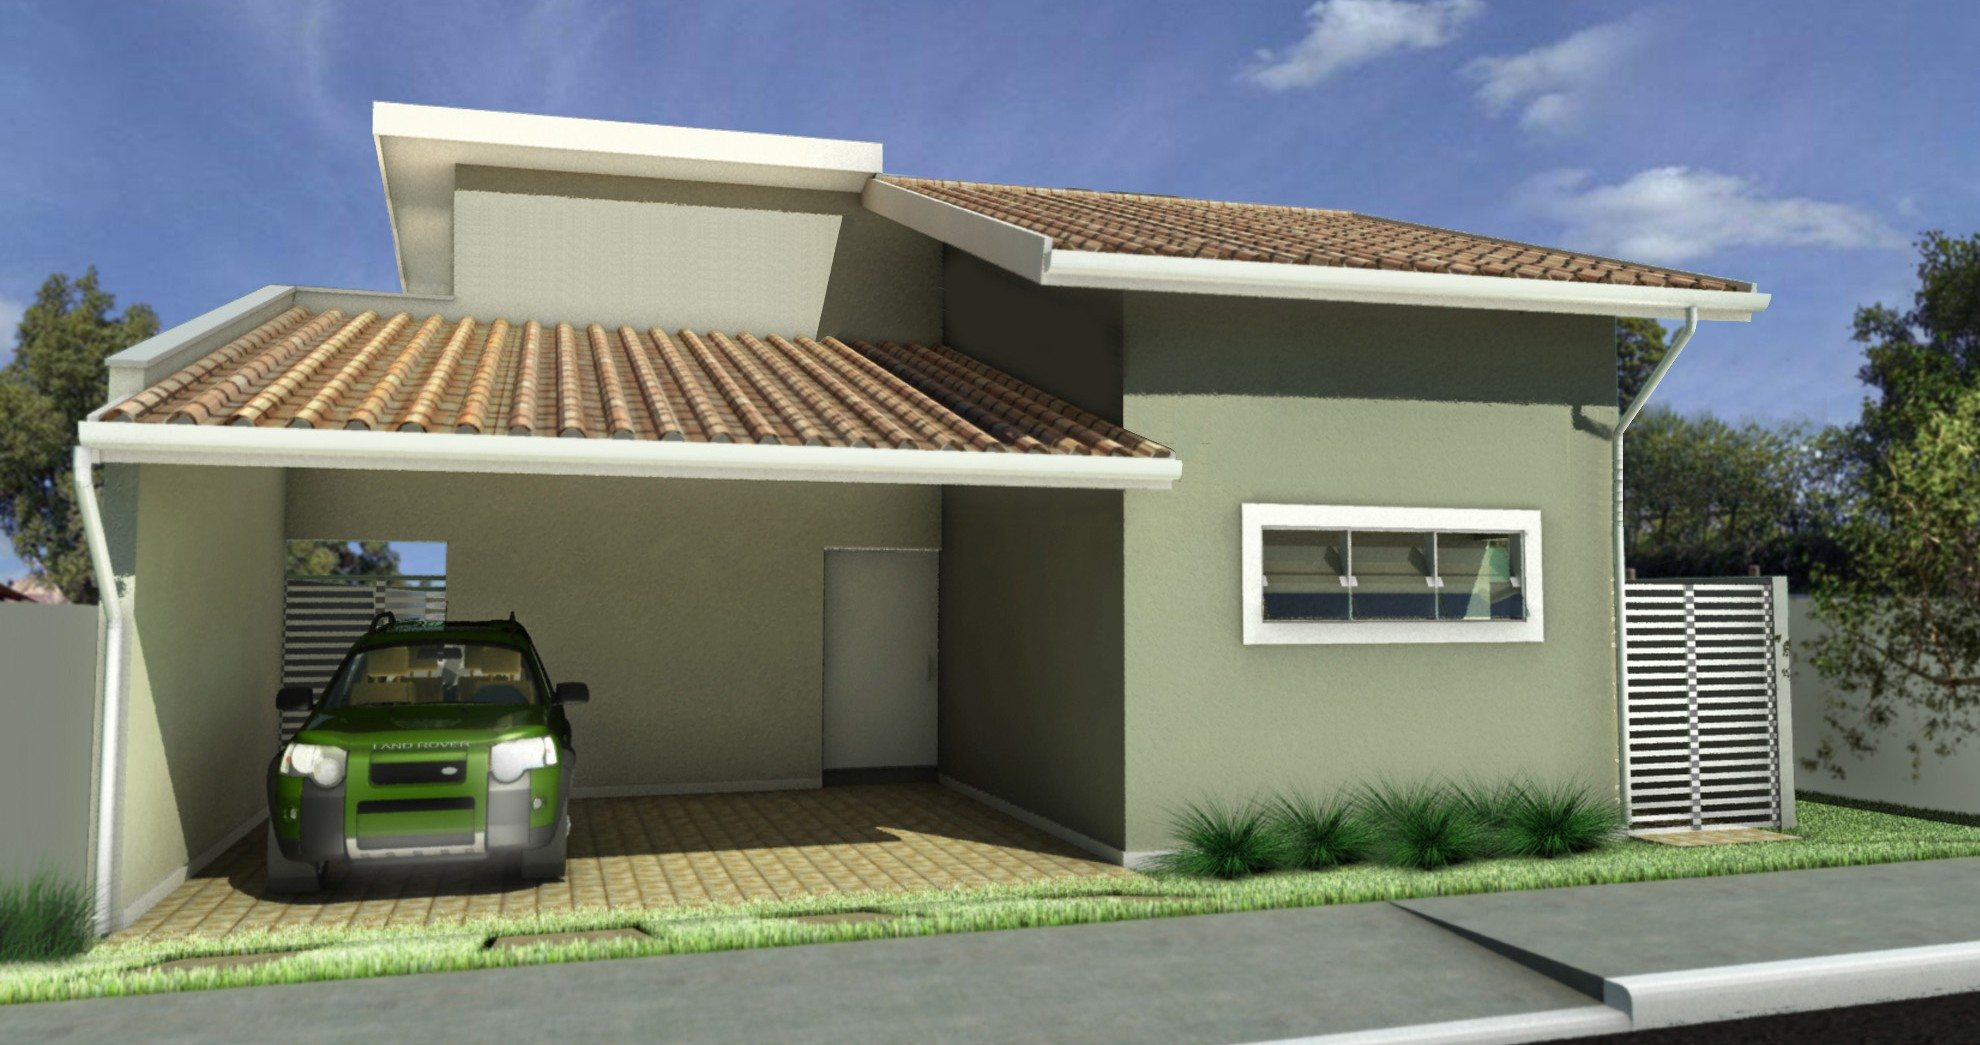 Fachadas de casas com garagem modernas pequenas veja fotos Disenos de casas contemporaneas pequenas